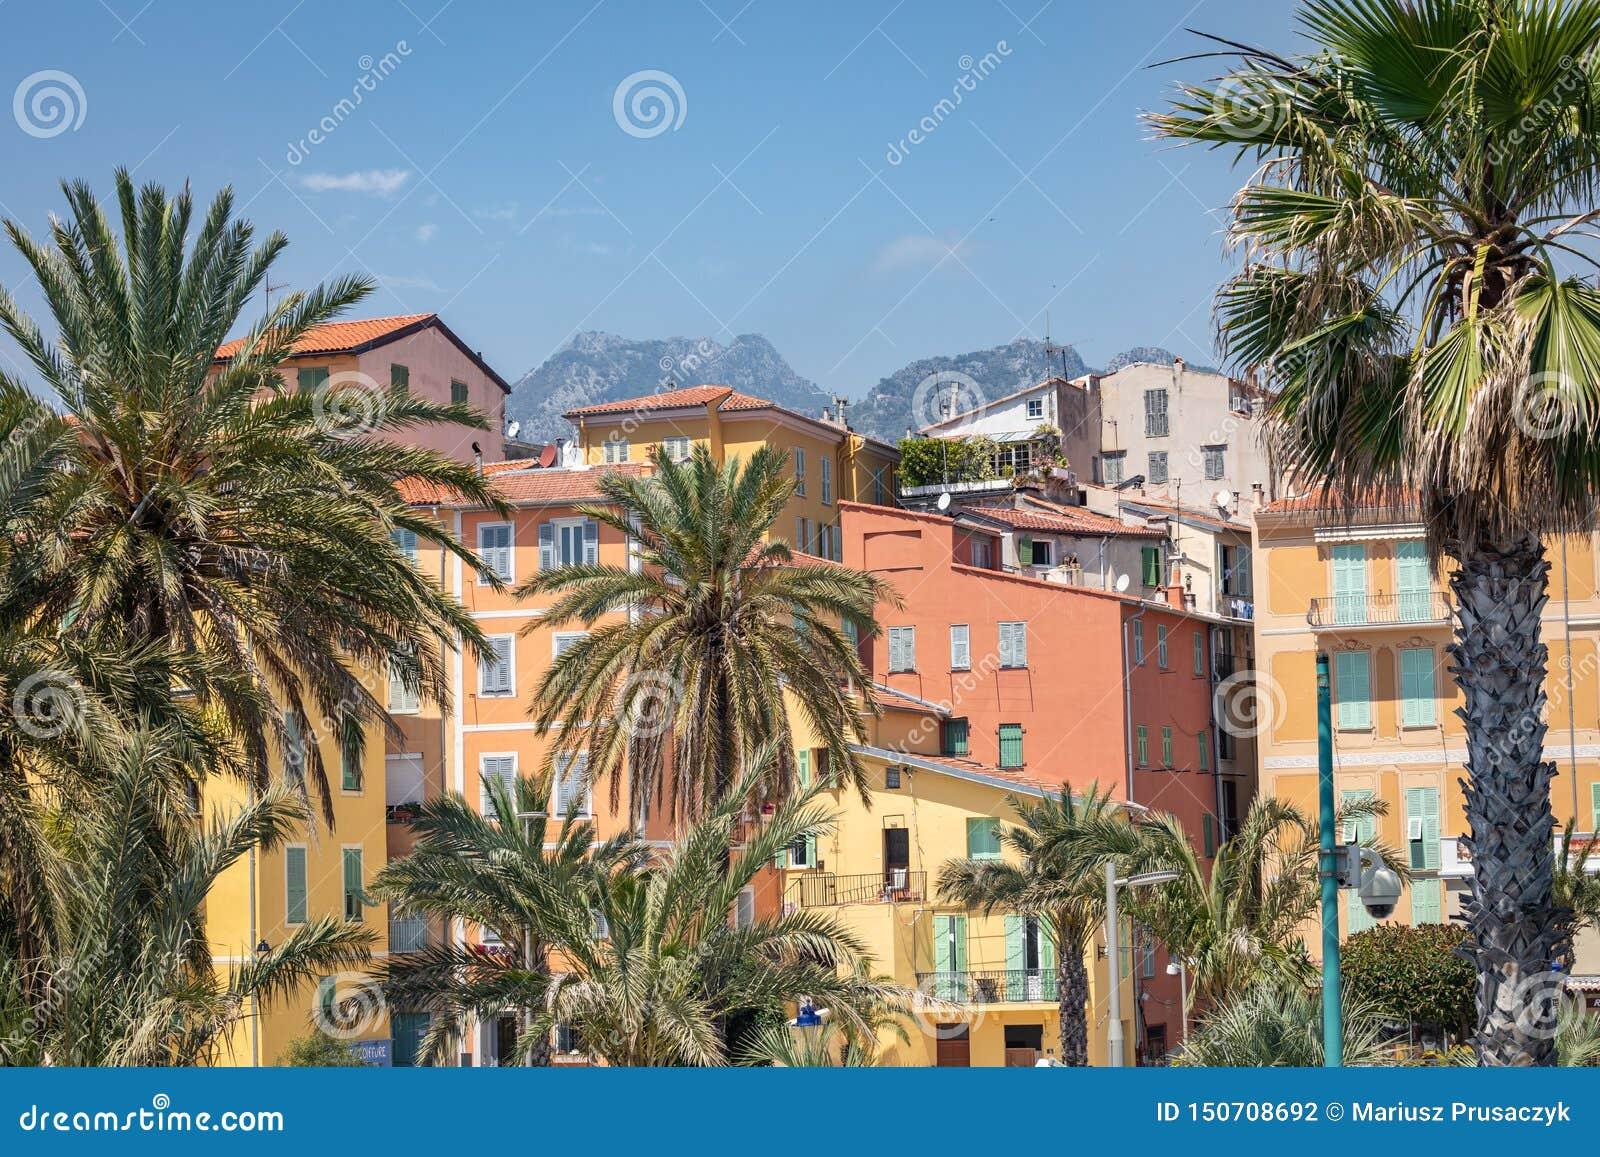 MENTON FRANCJA, CZERWIEC, - 05, 2019: Kolorowi domy w starej grodzkiej architekturze Menton na Francuskim Riviera Cote d «Azur,